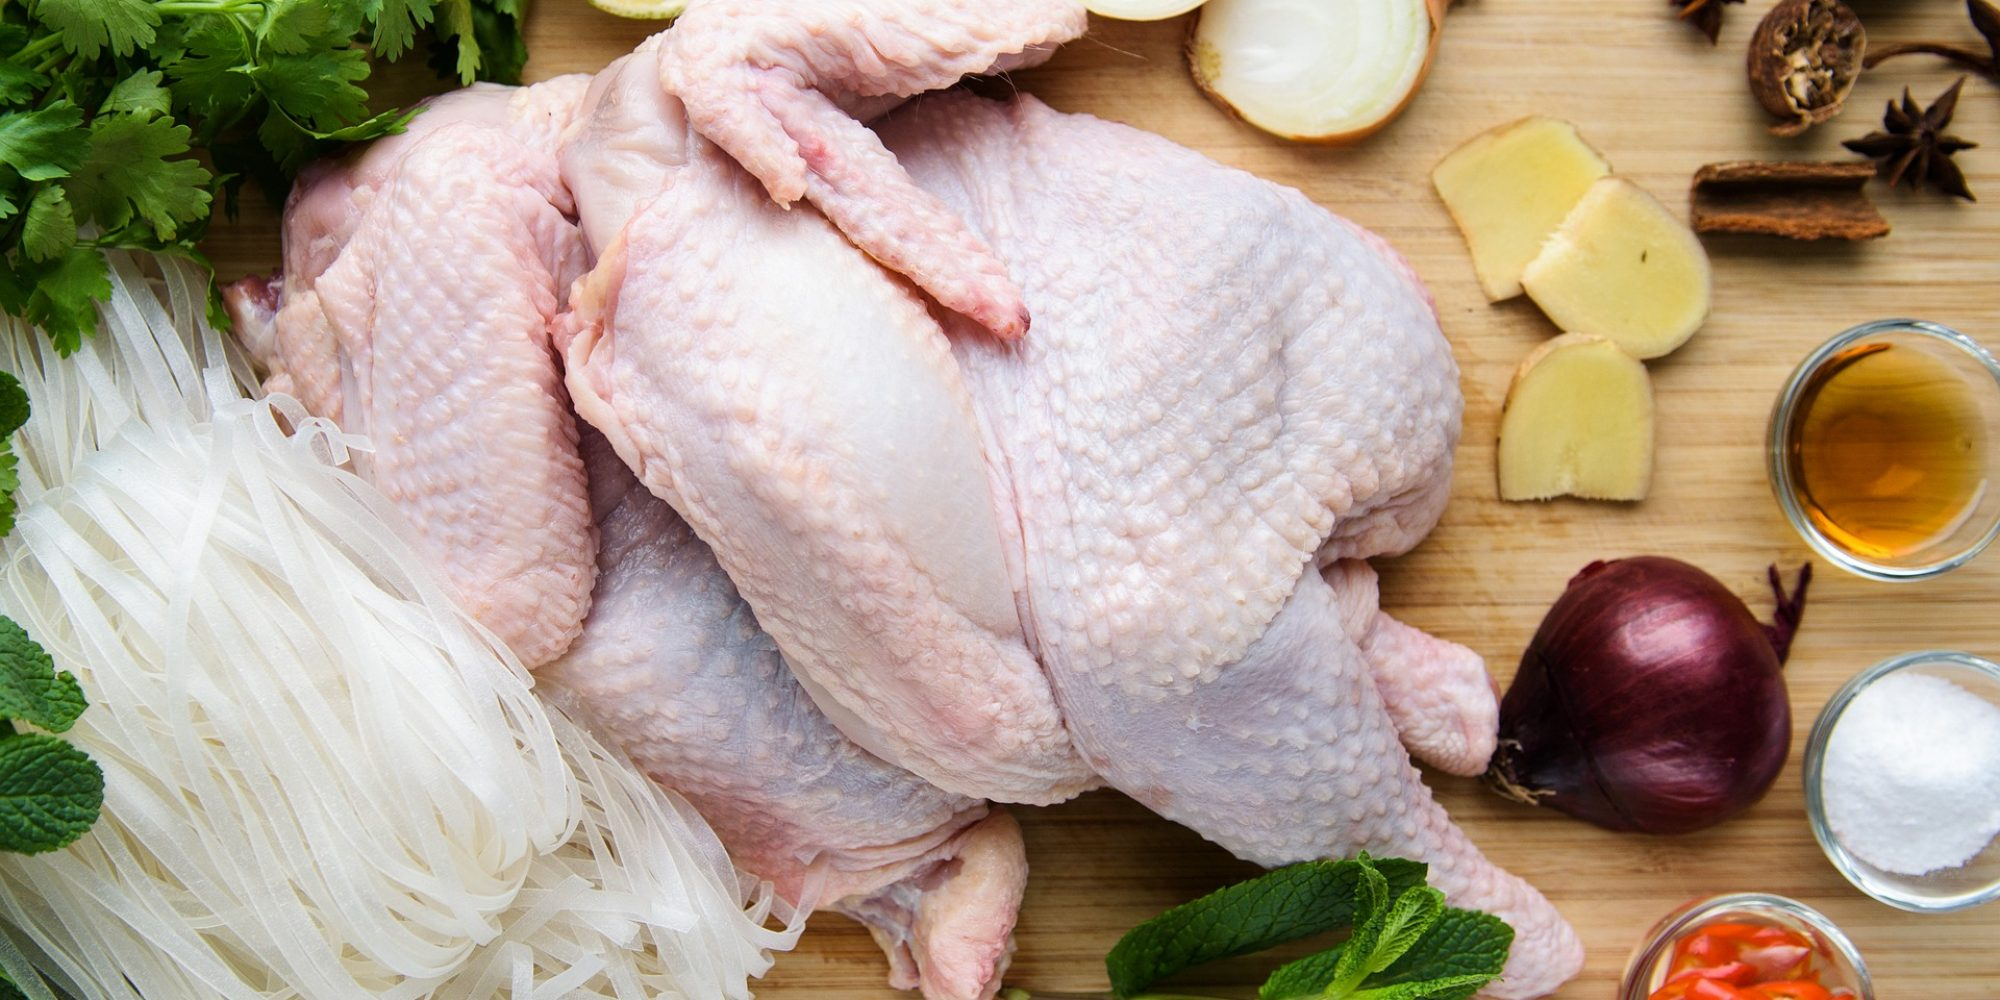 chicken-5921484_1920